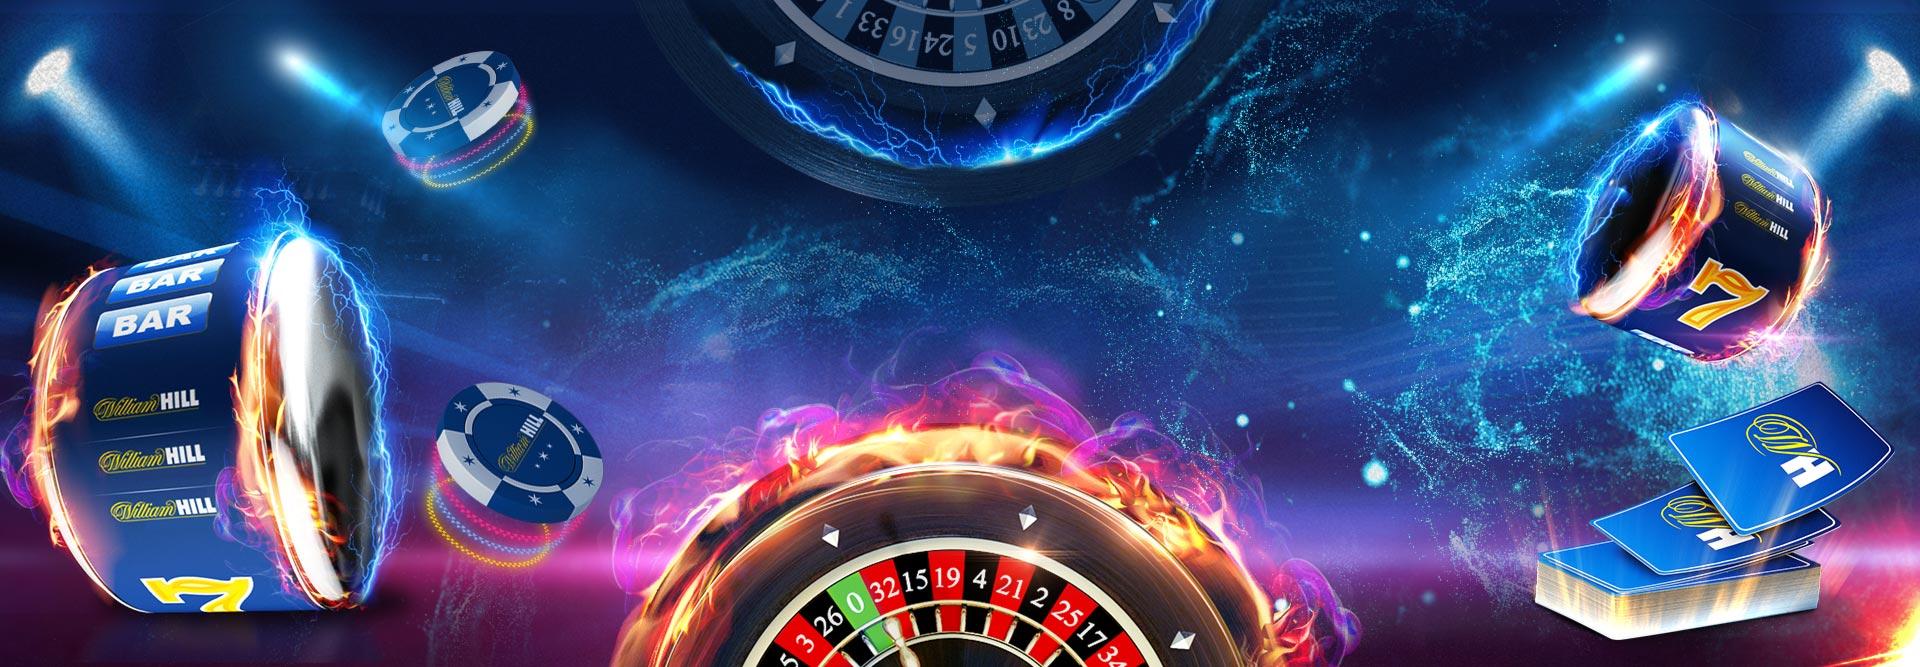 Lucky bay casino бездепозитный бонус